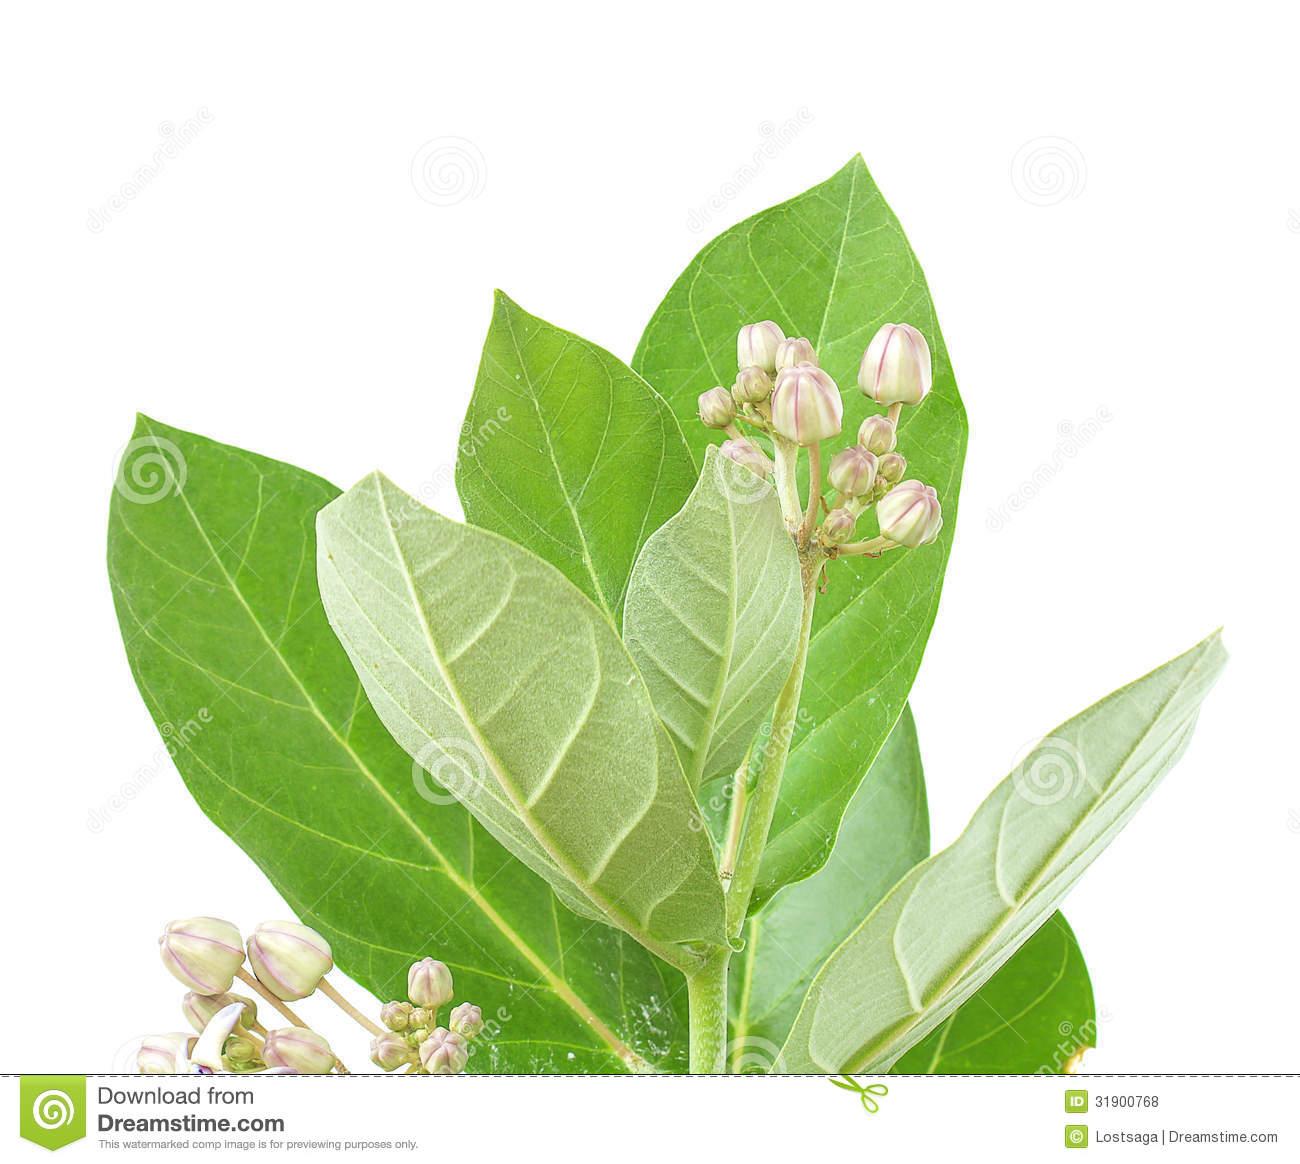 Ayurveda Medicinal Plant Calotropis Gigantea Stock Photography.